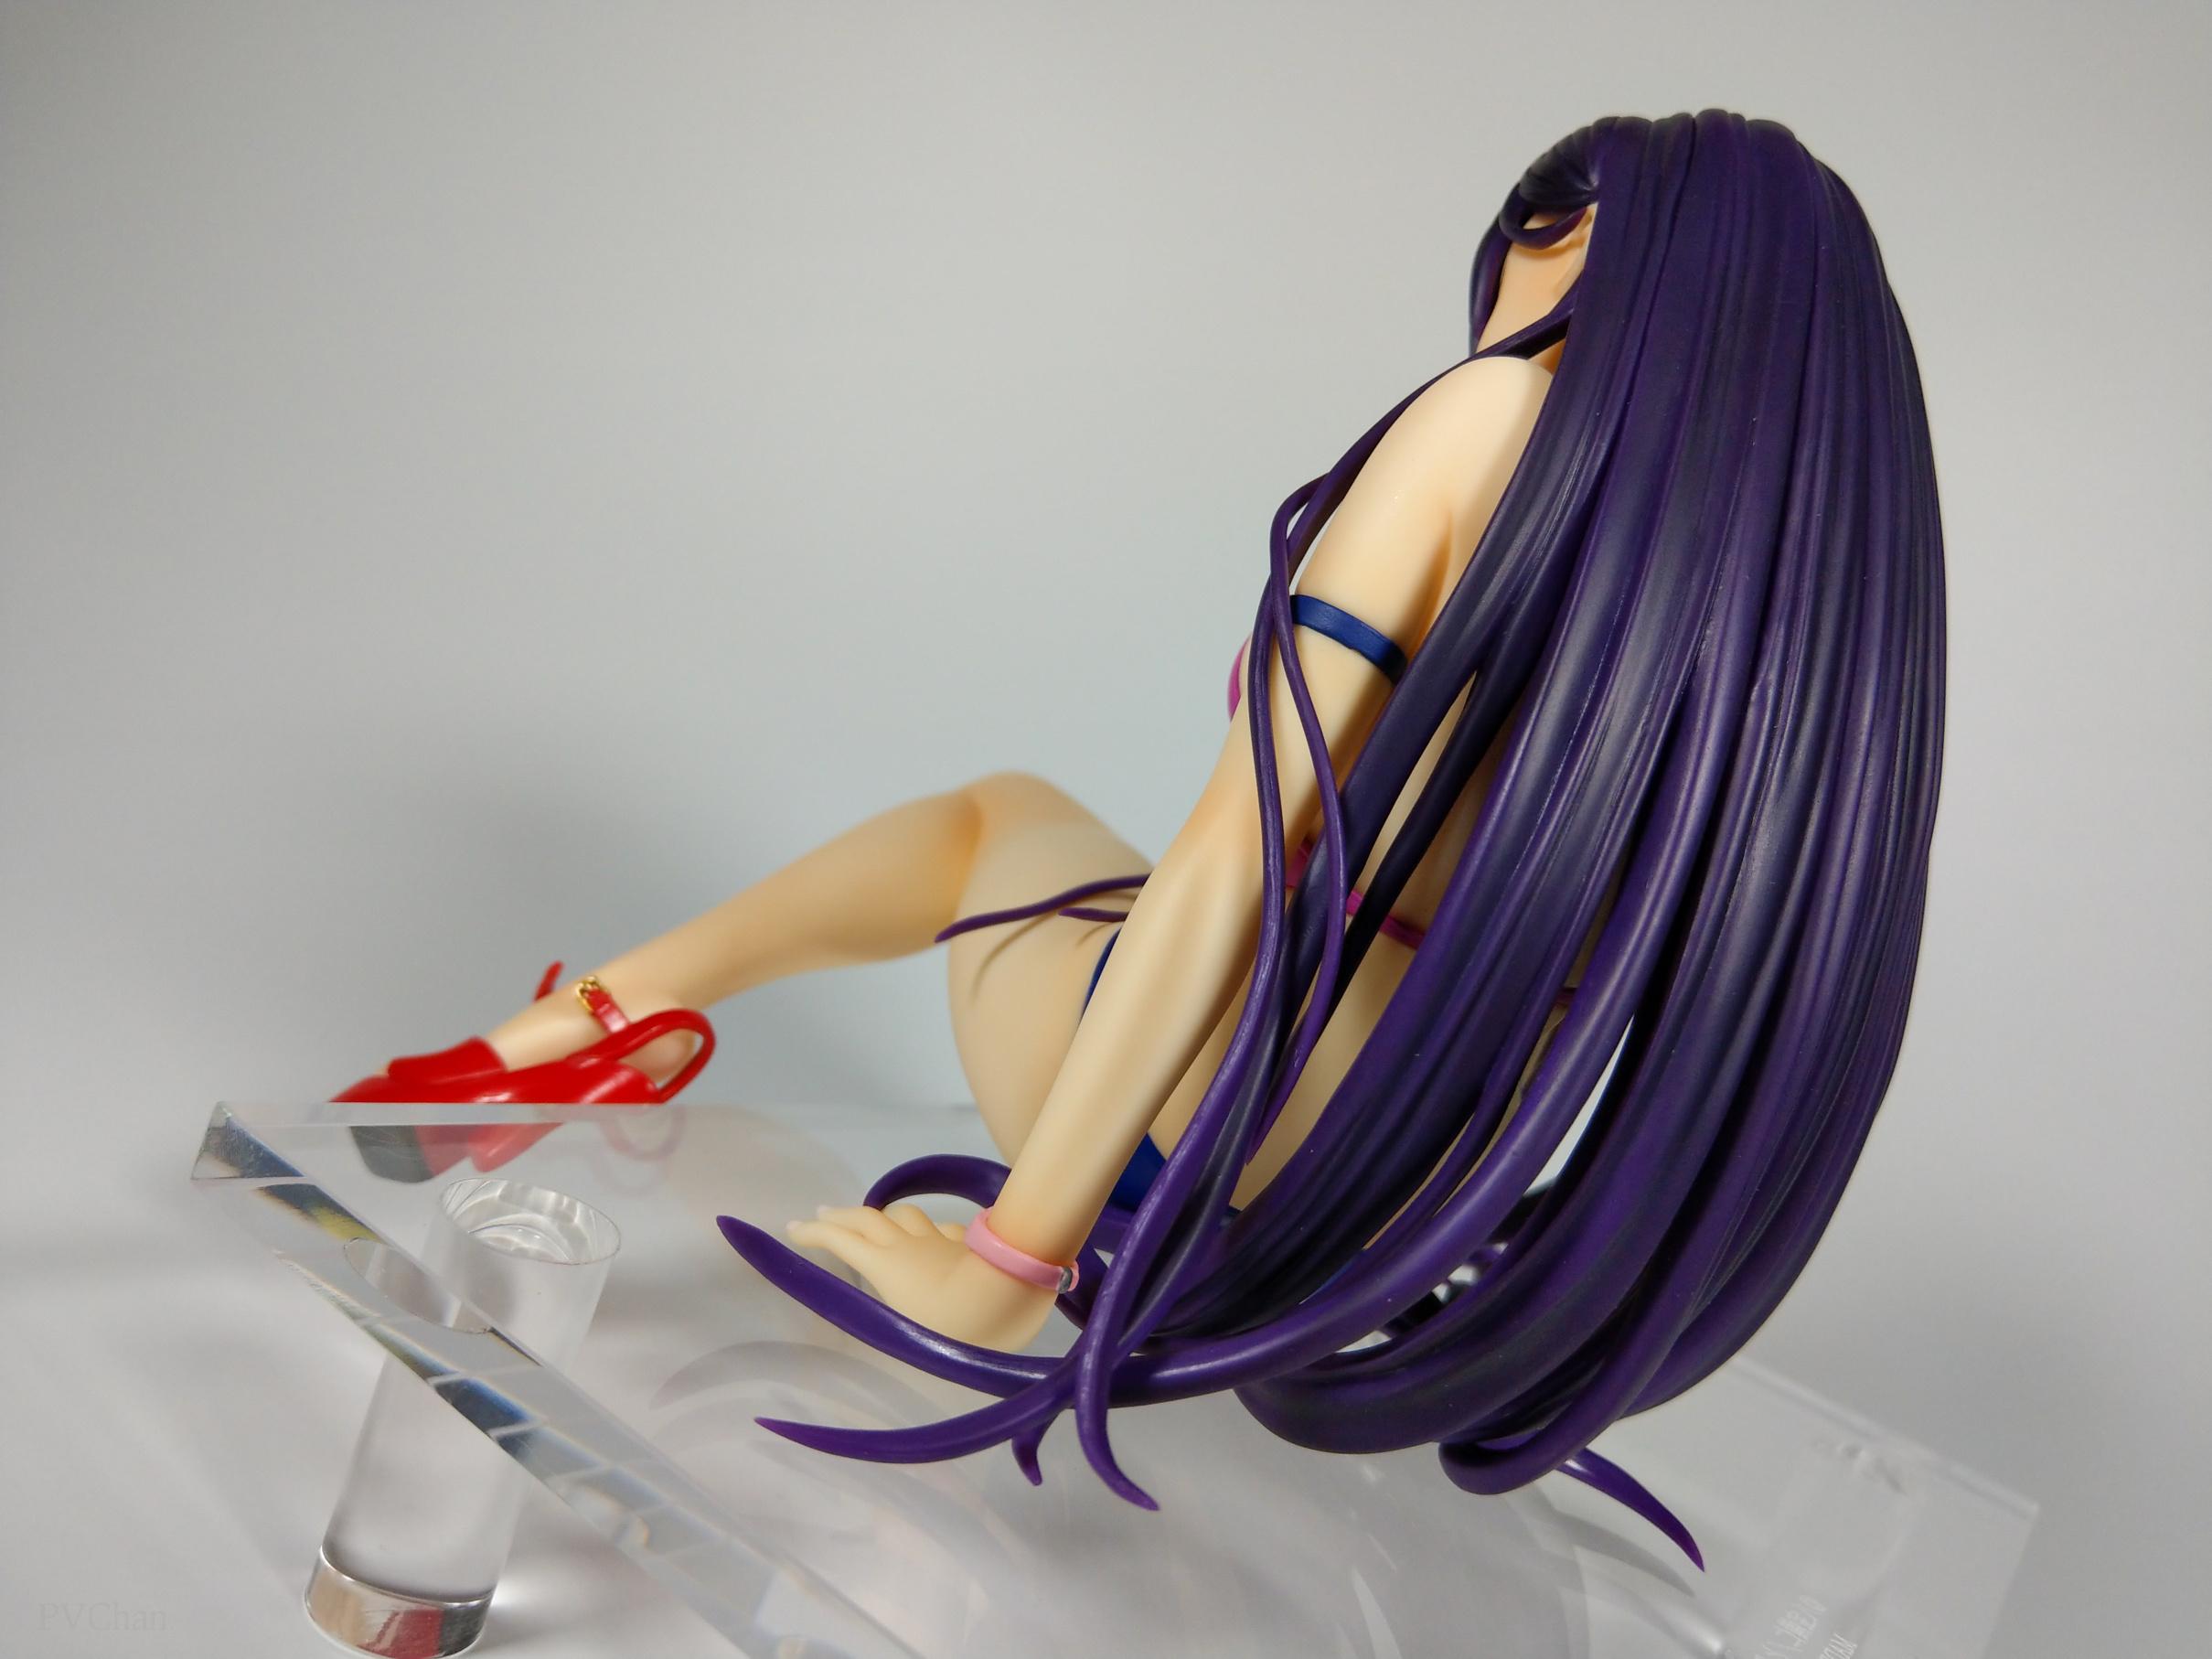 Девушка в купальнике (Kaitendo). - Изображение 1